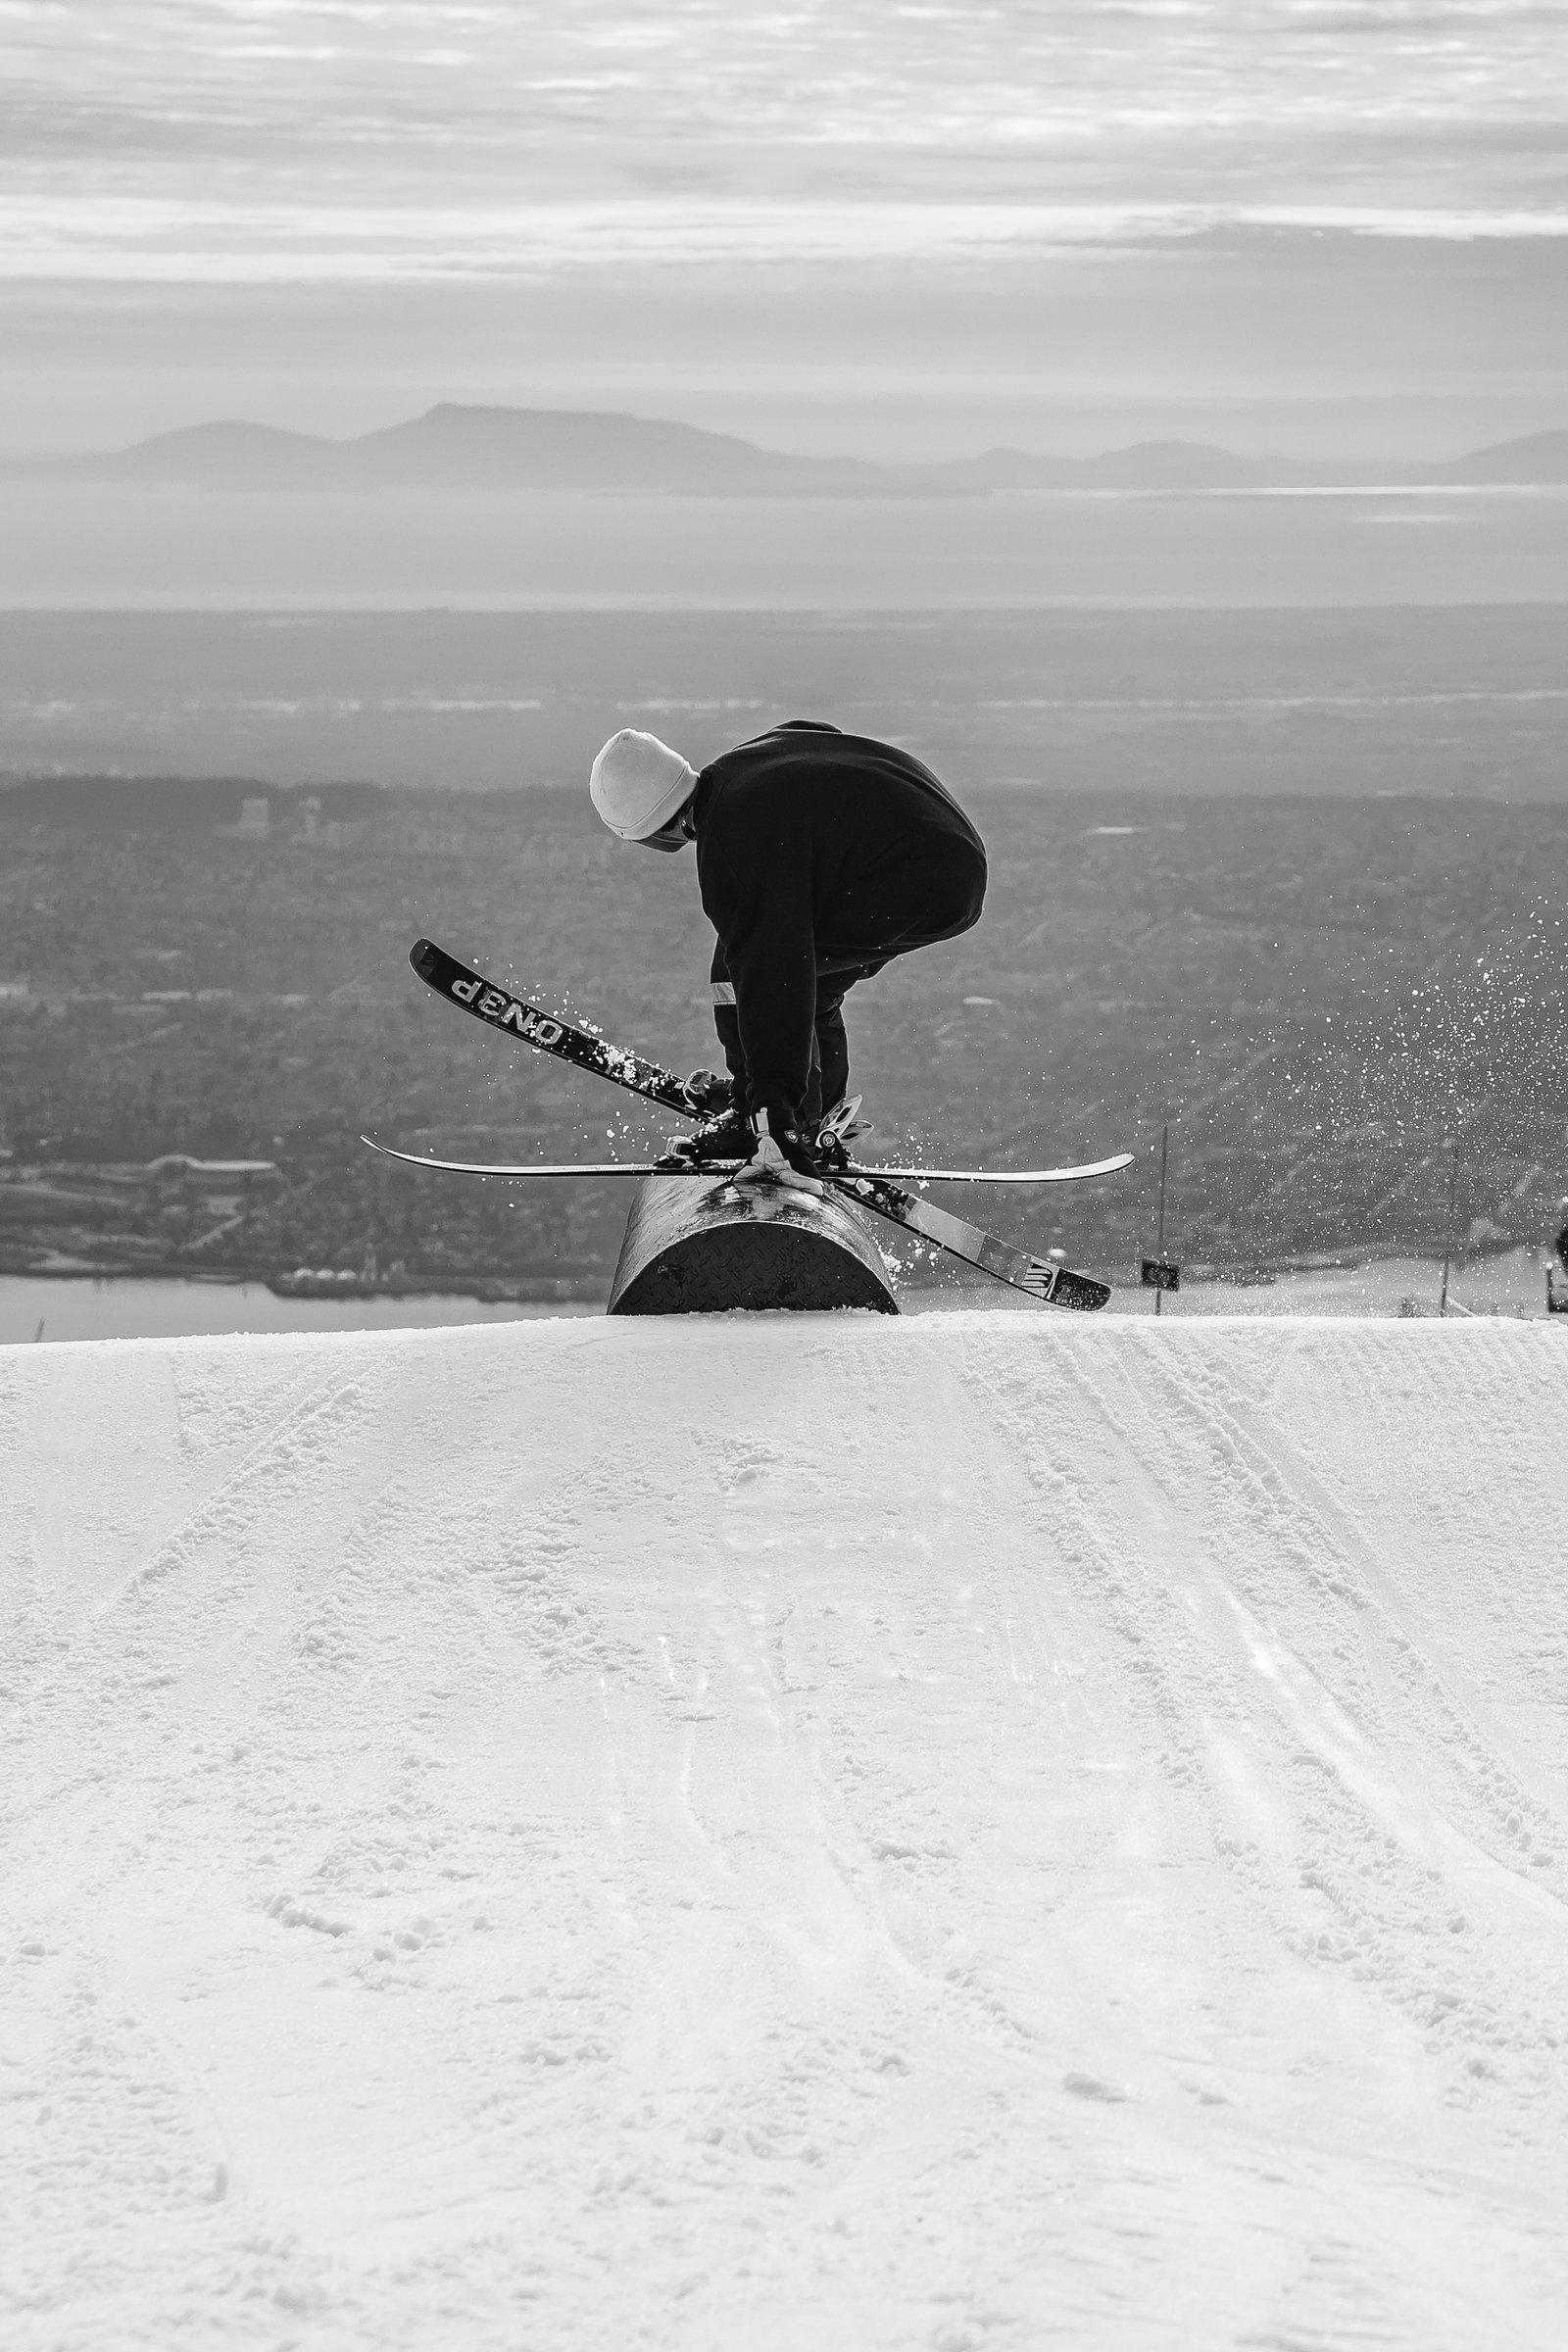 Ski to sky